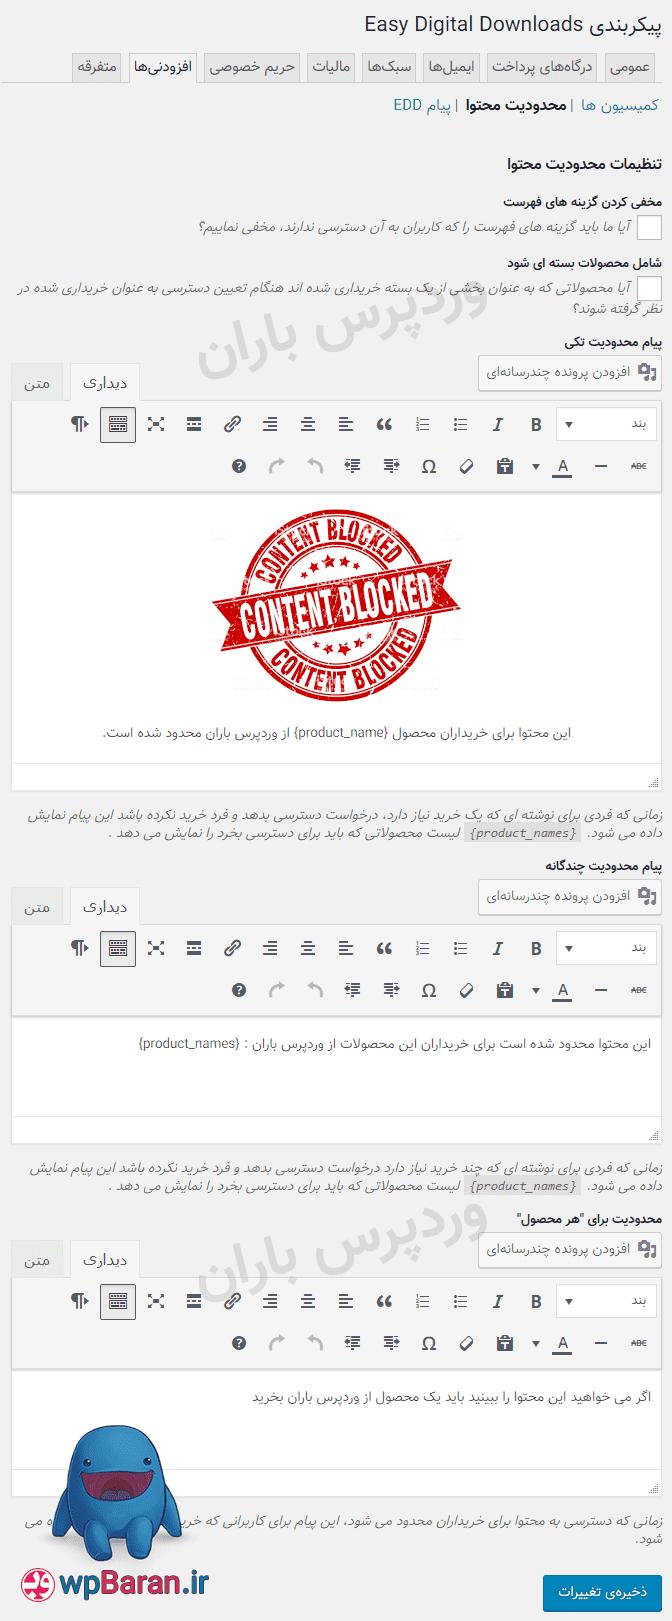 پیکربندی افزونه محدودیت محتوای EDD Content Restriction فارسی